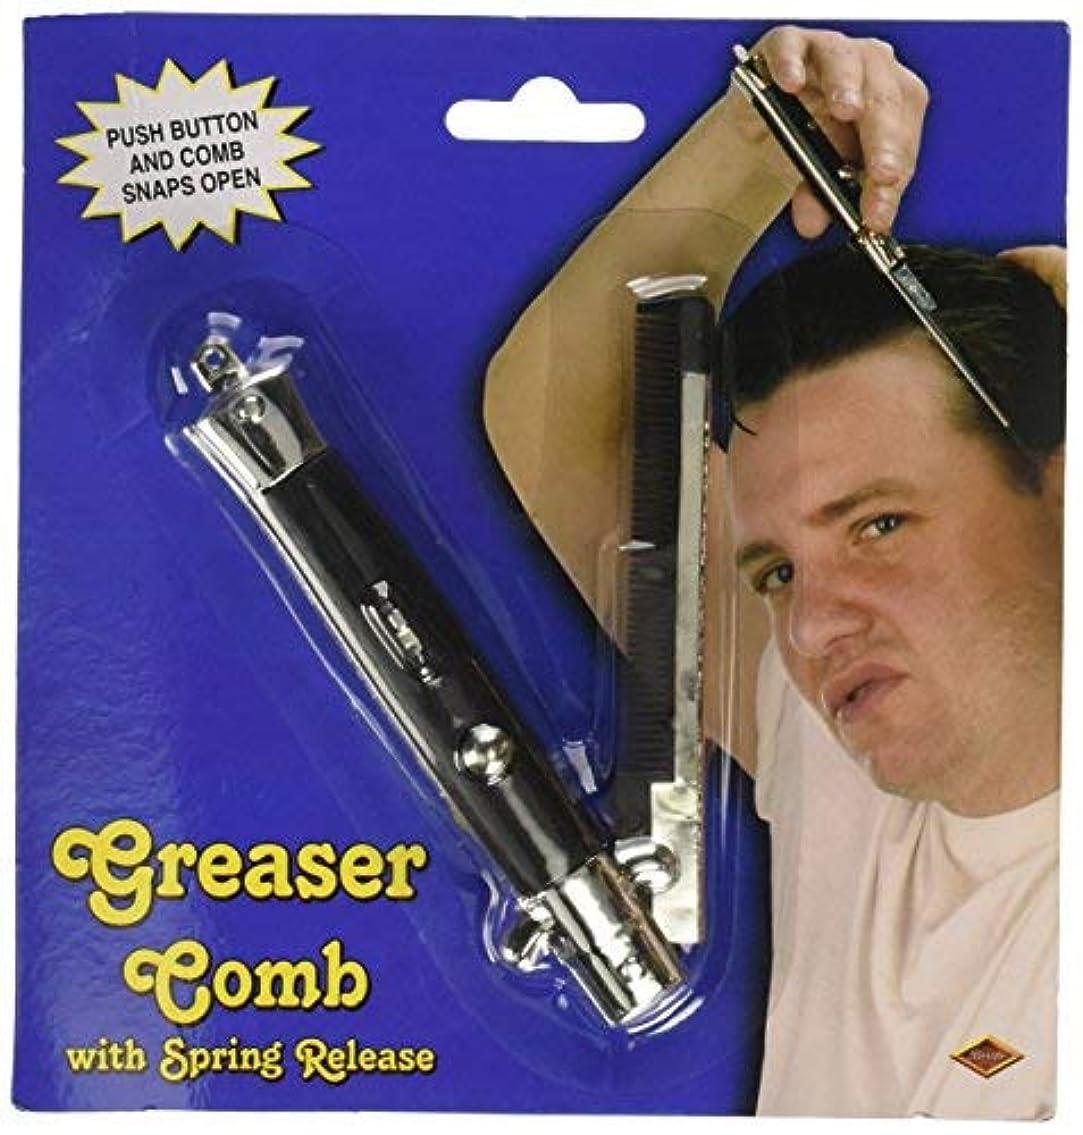 生き物イル精神的にGreaser Comb Party Accessory (1 count) (1/Pkg) [並行輸入品]